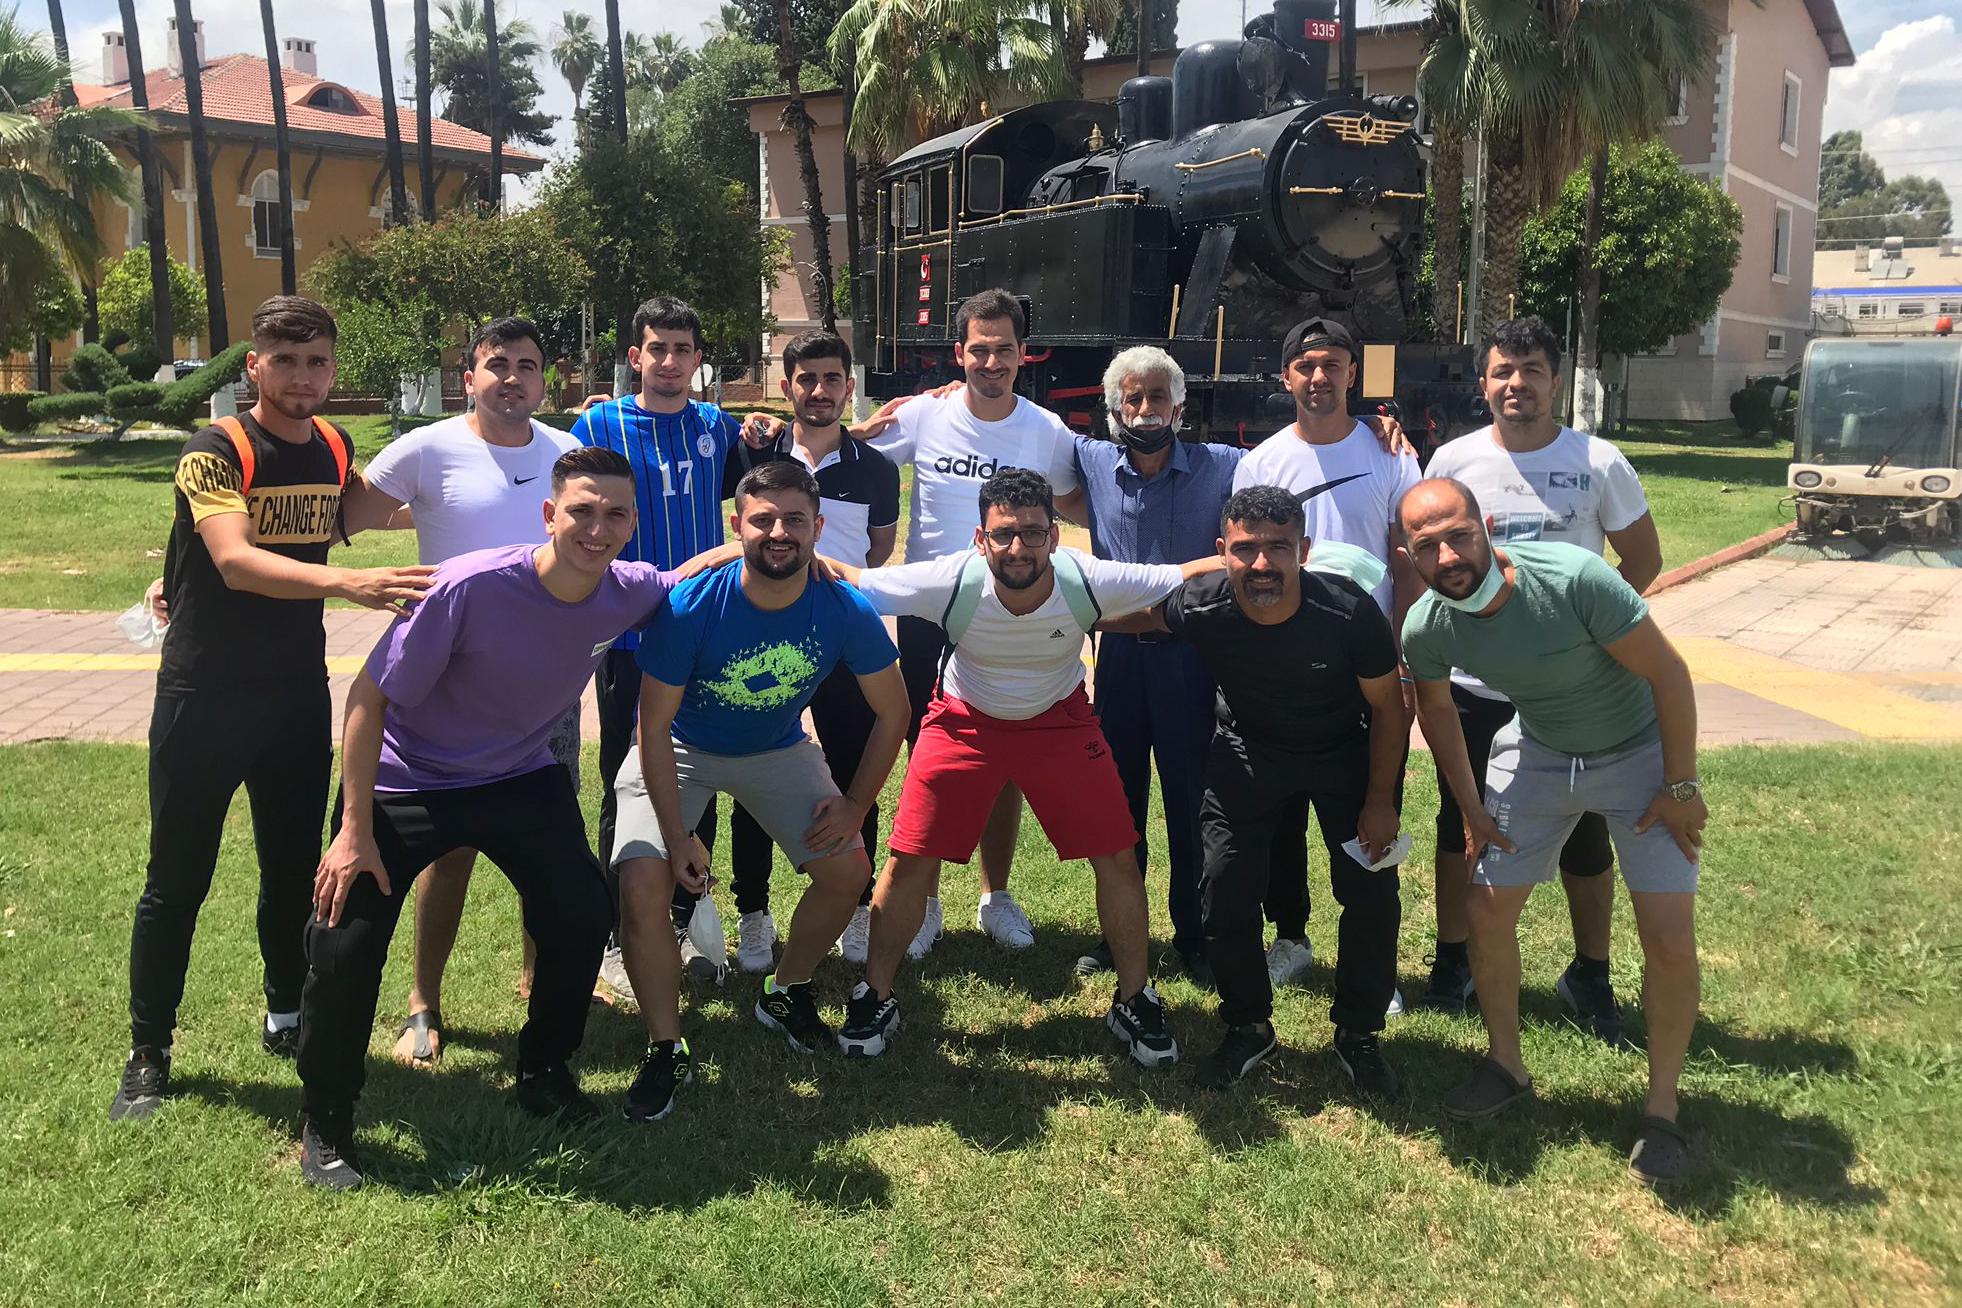 Kurttepe Sağırlar Gençlik Spor Futbol Takımı finaller için Kayseri'ye gitti